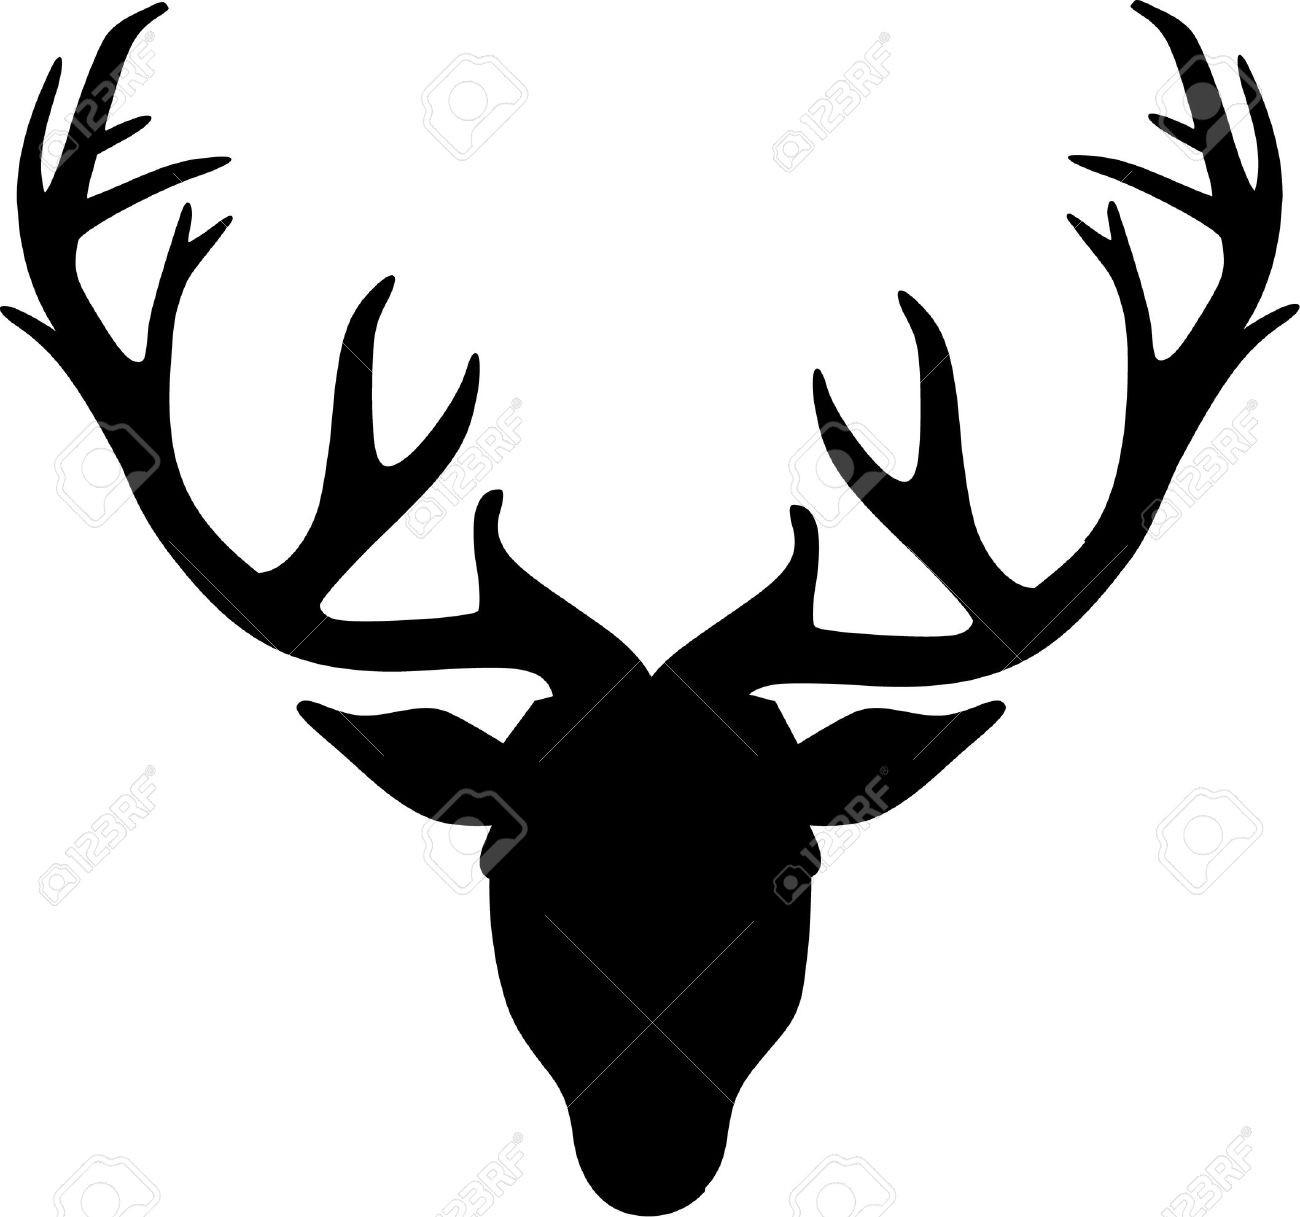 1300x1217 Deer Head Silhouette Clip Art 125281 Brilliant Antlers